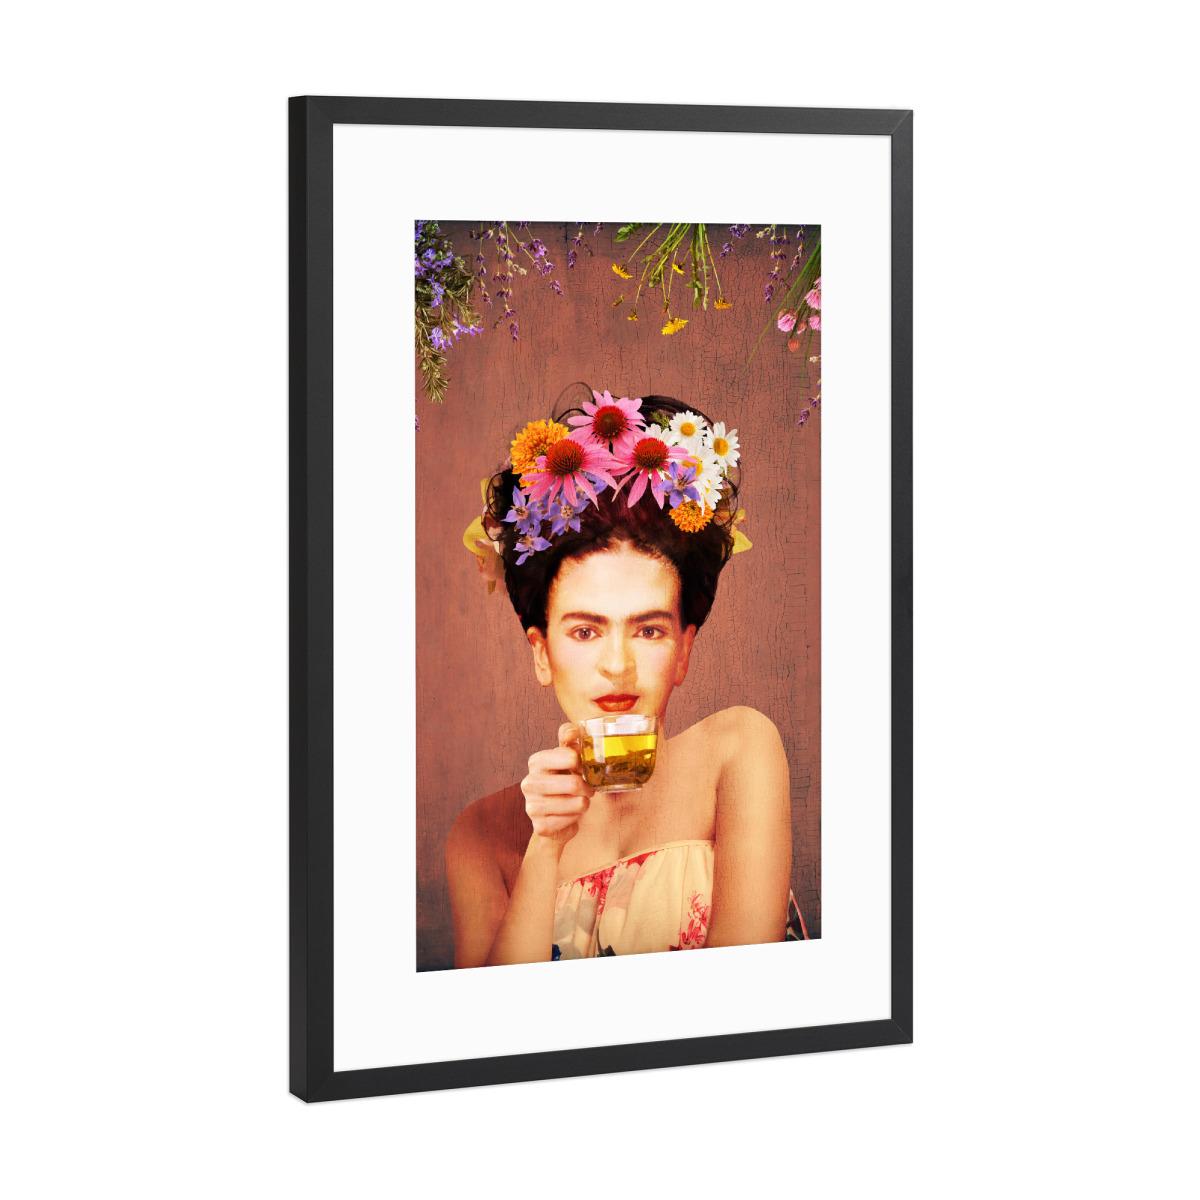 Frida Drinking Tea als Gerahmt bei artboxONE kaufen